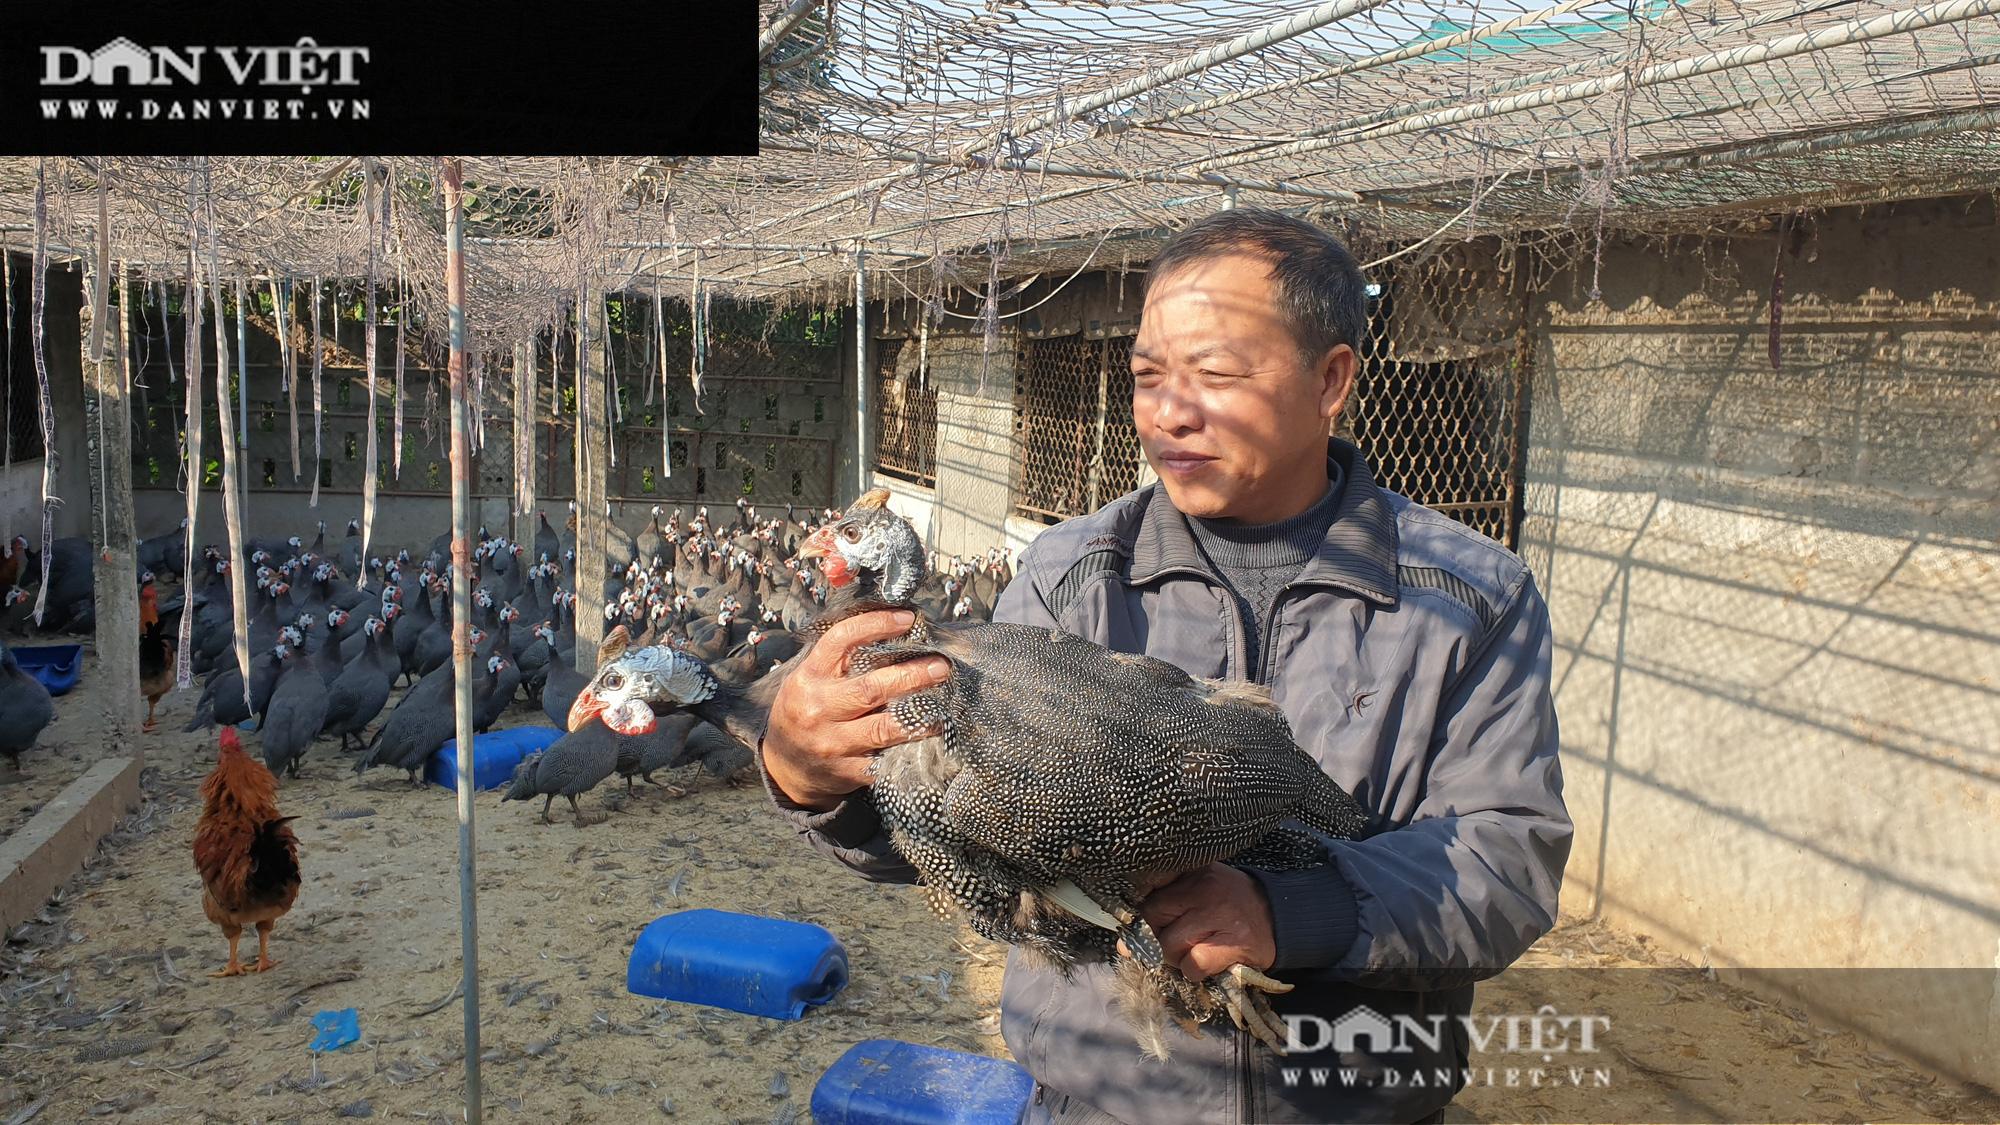 Nuôi con gì bán Tết: Nuôi đàn gà bay như chim, kêu điếc tai, lão nông đếm tiền mỏi tay - Ảnh 2.